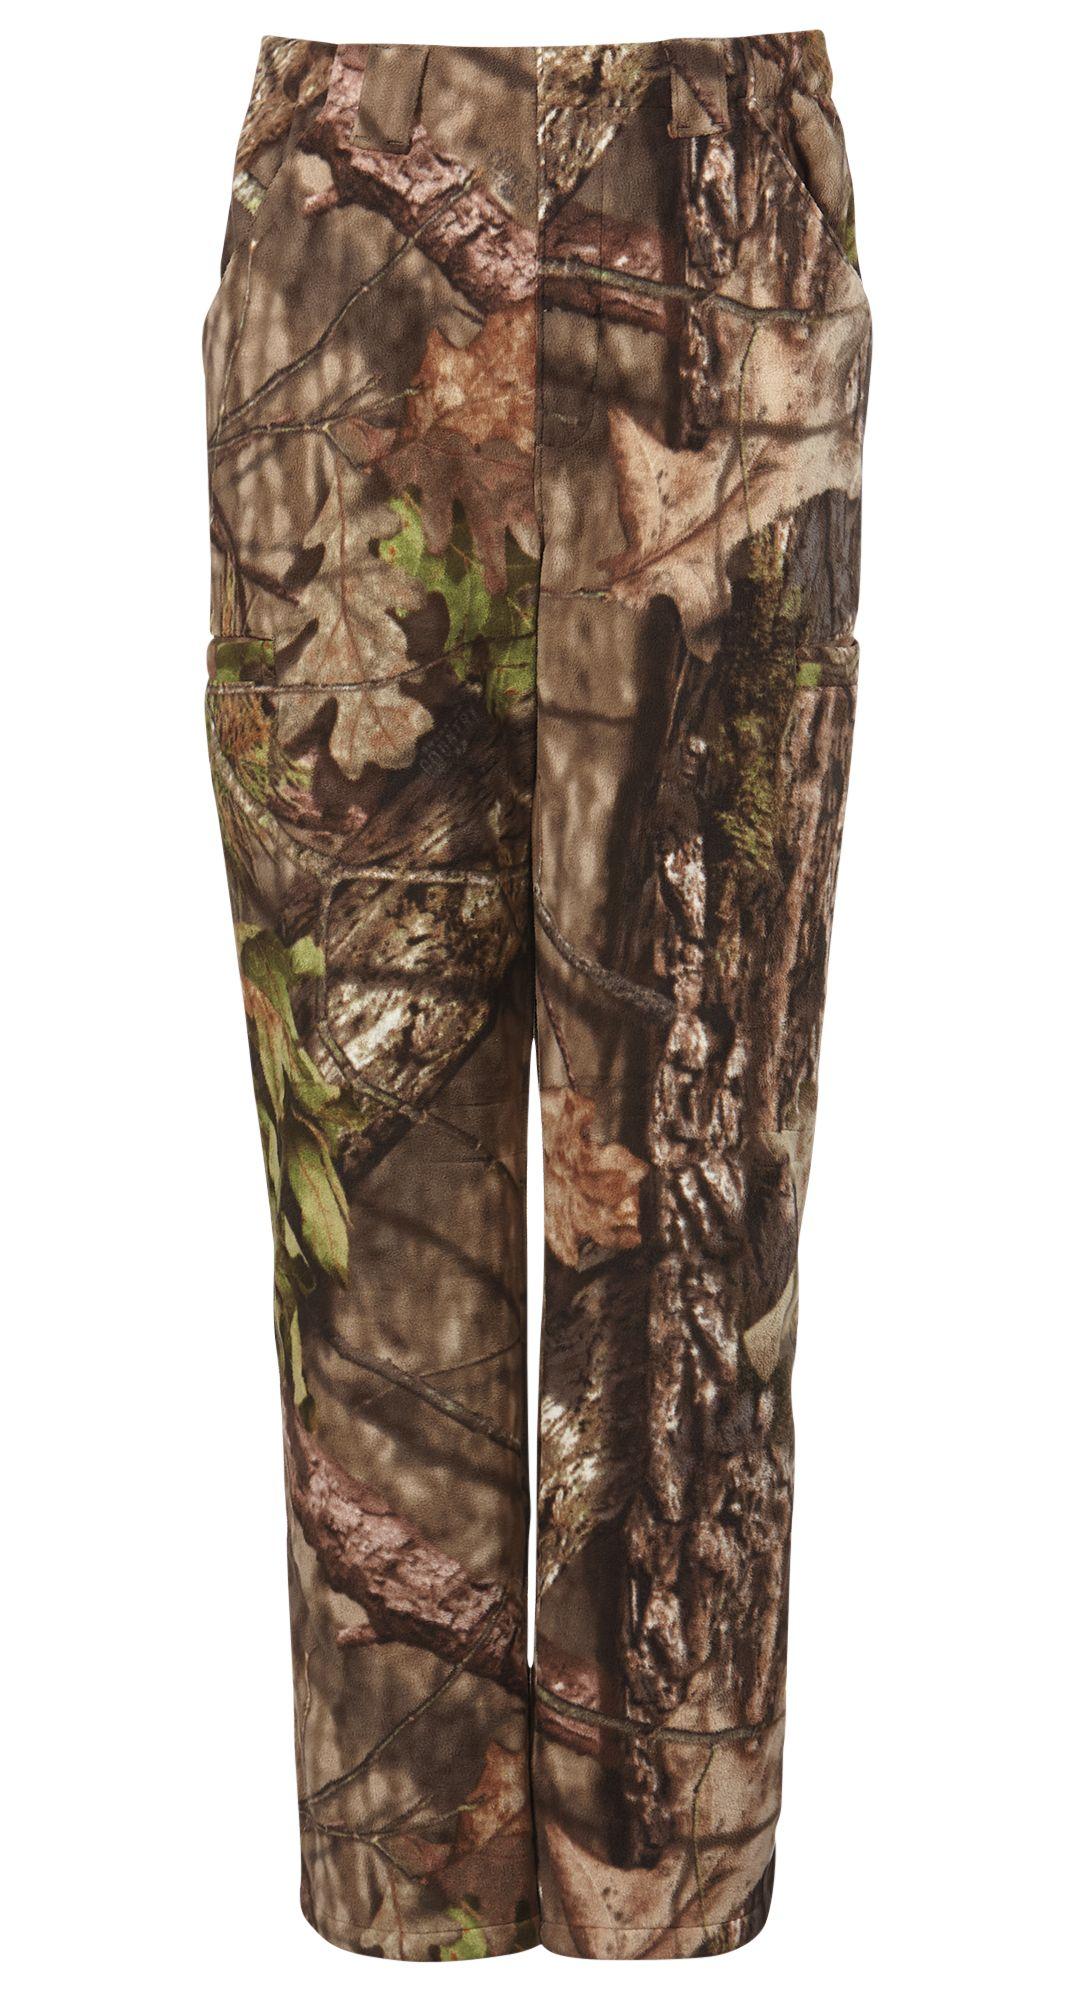 32f26593c646b ScentLok Men's Vortex Windproof Fleece Hunting Pants | Field & Stream